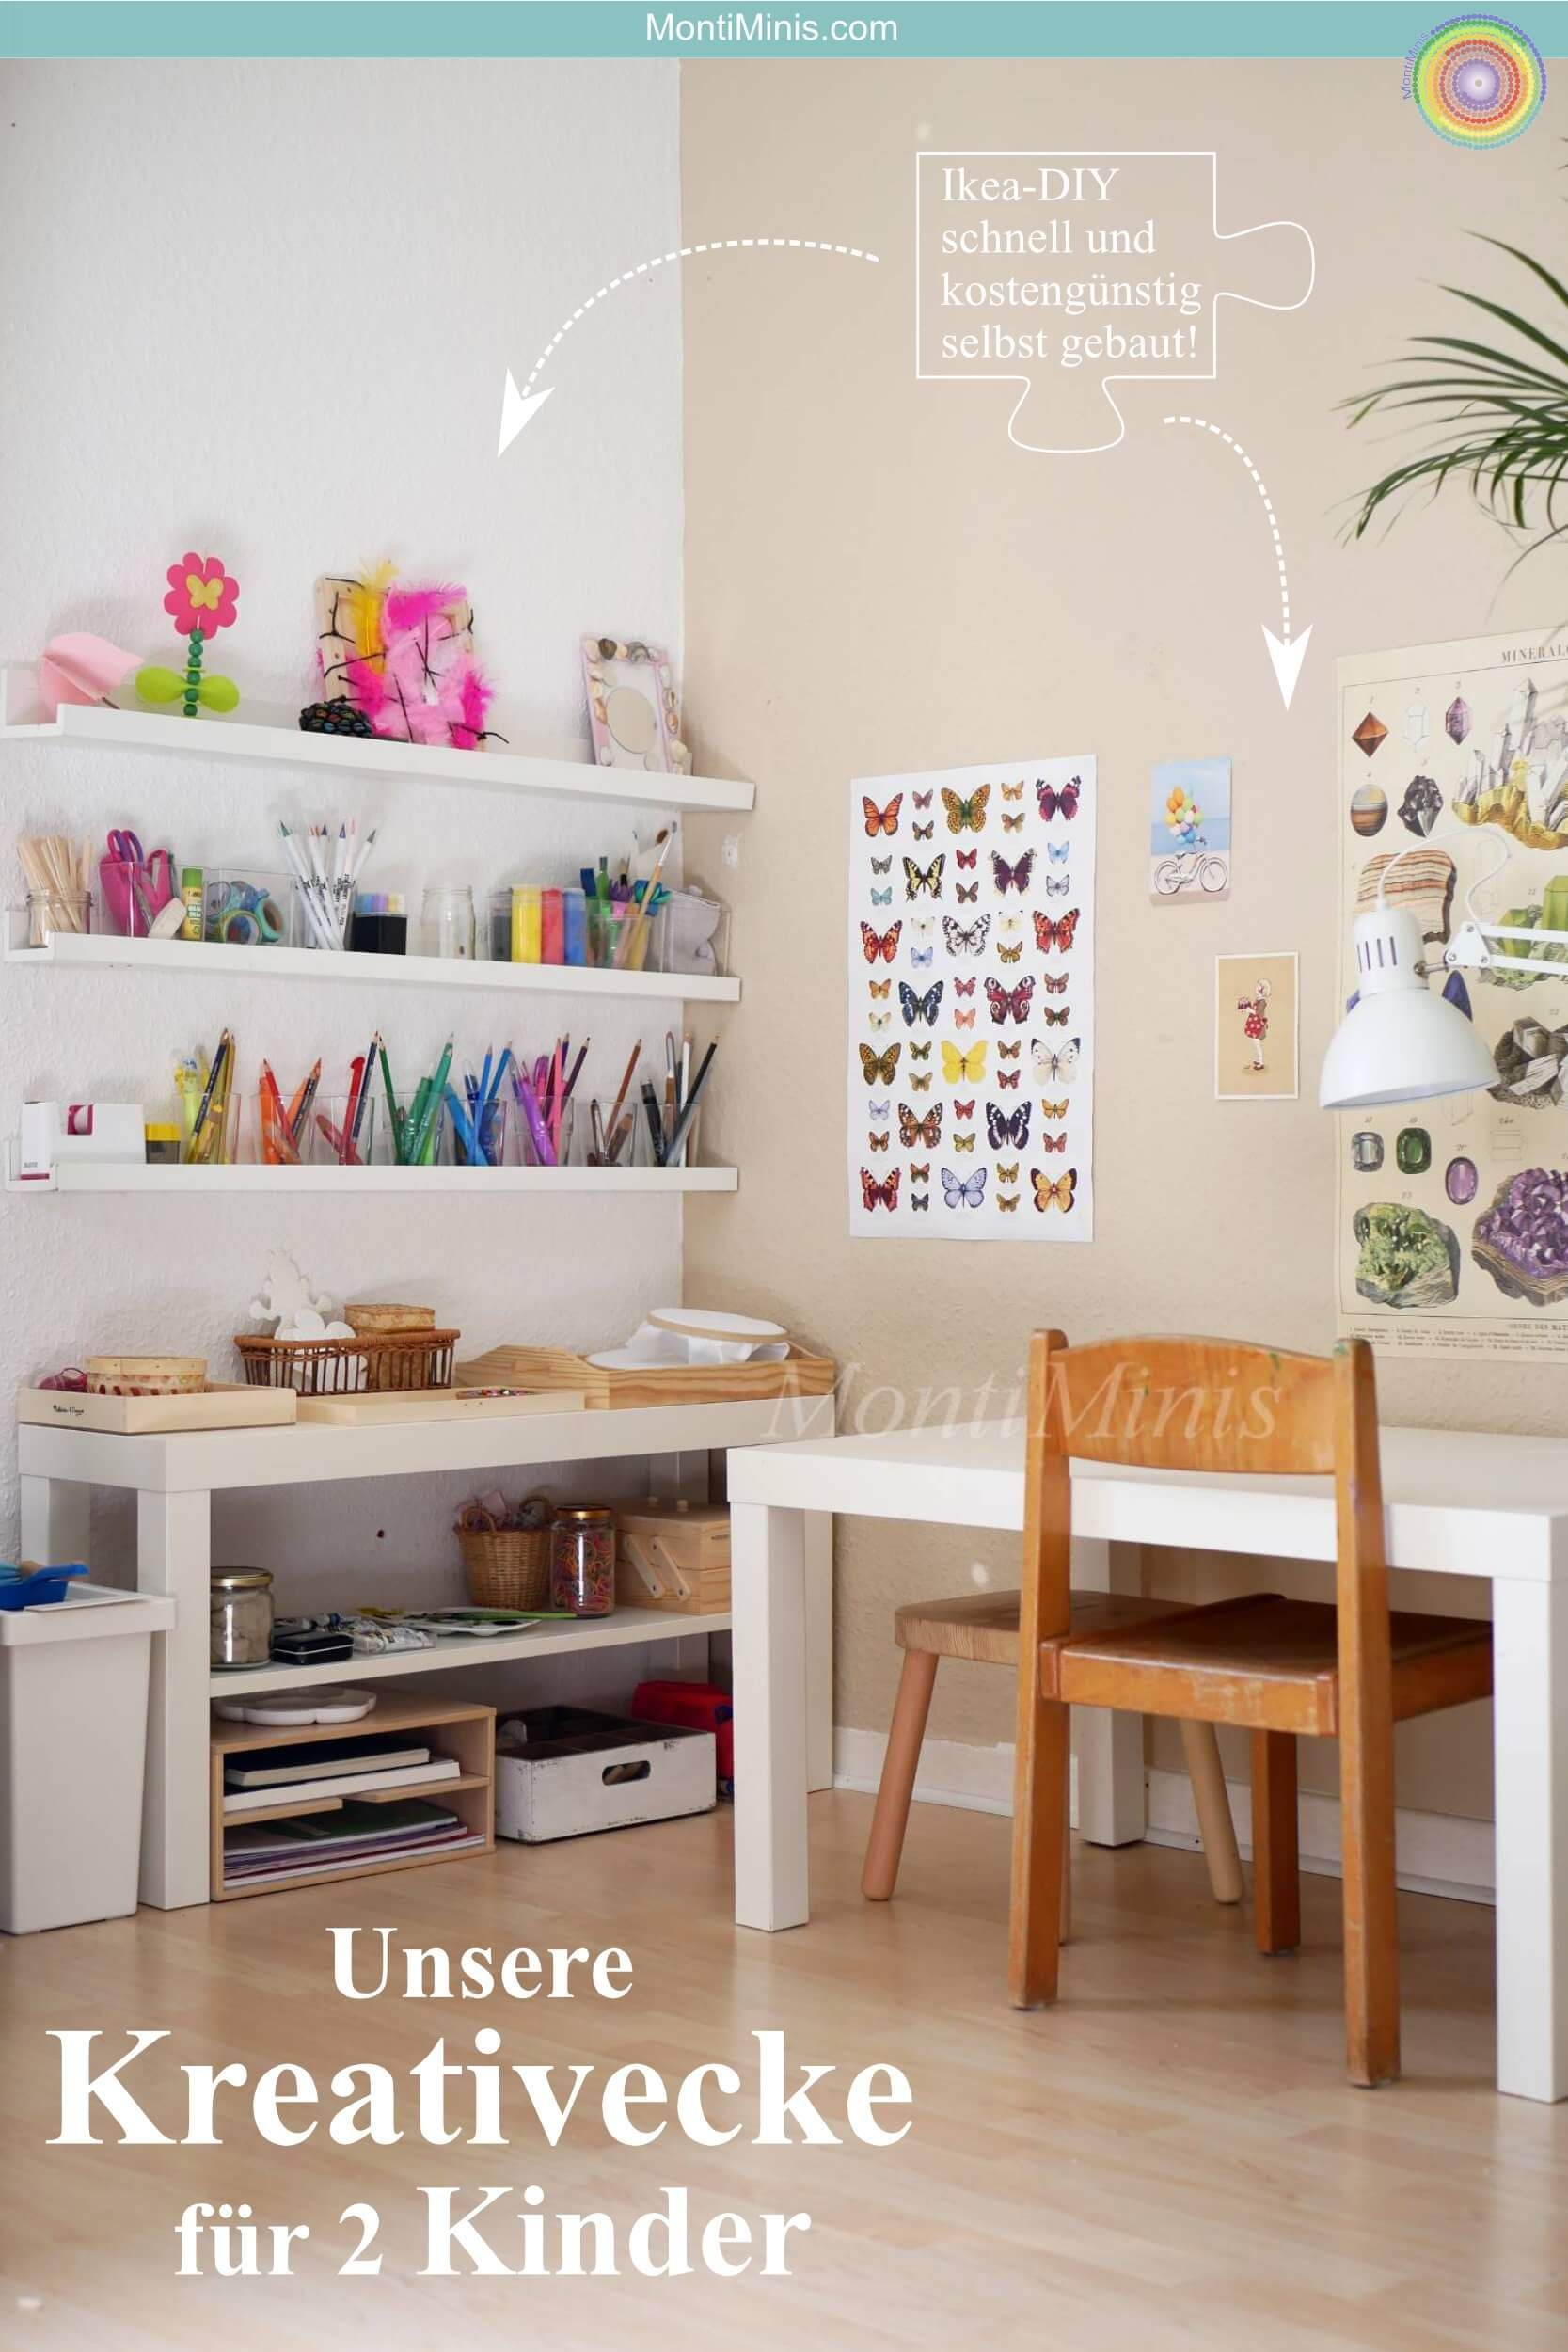 Unsere Kreativecke Fur 2 Kinder Warum Der Weg Das Ziel Ist Und Wieso Wir Unsere Kinder Nicht Loben Montessori Blog Shop Montiminis Kinder Zimmer Kinderzimmer Kinder Zimmer Ideen